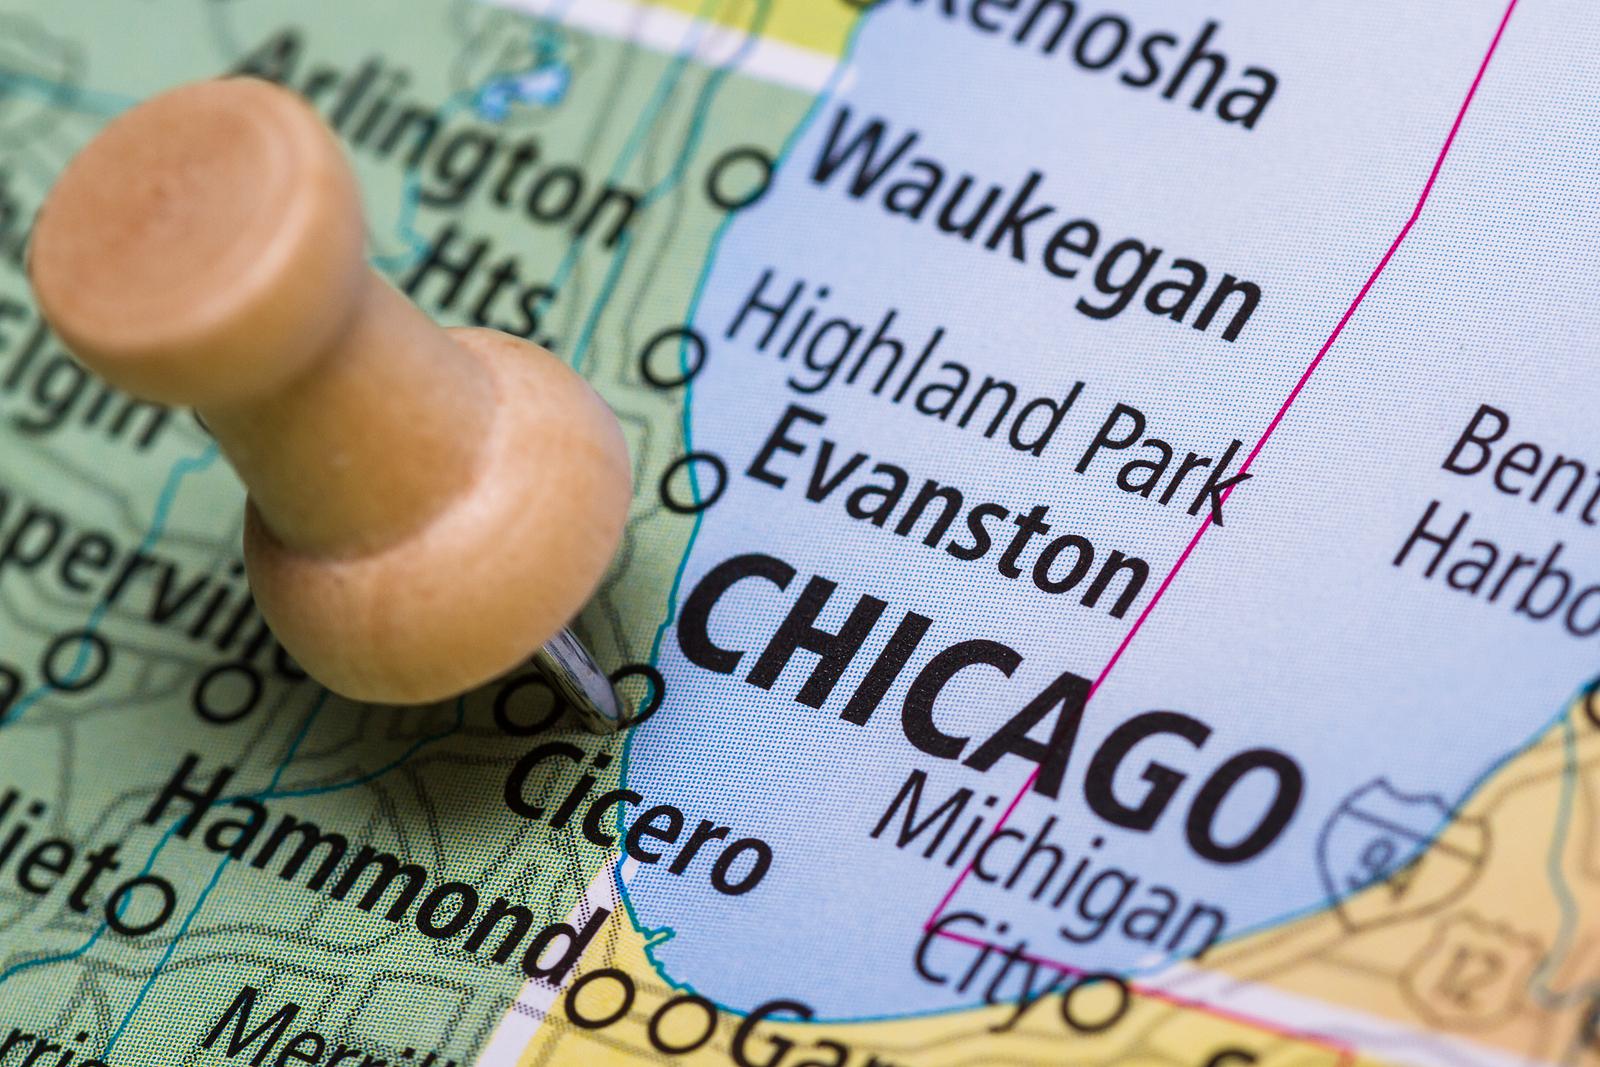 Art Shuttle Chicago – New York Will Leave on August 21